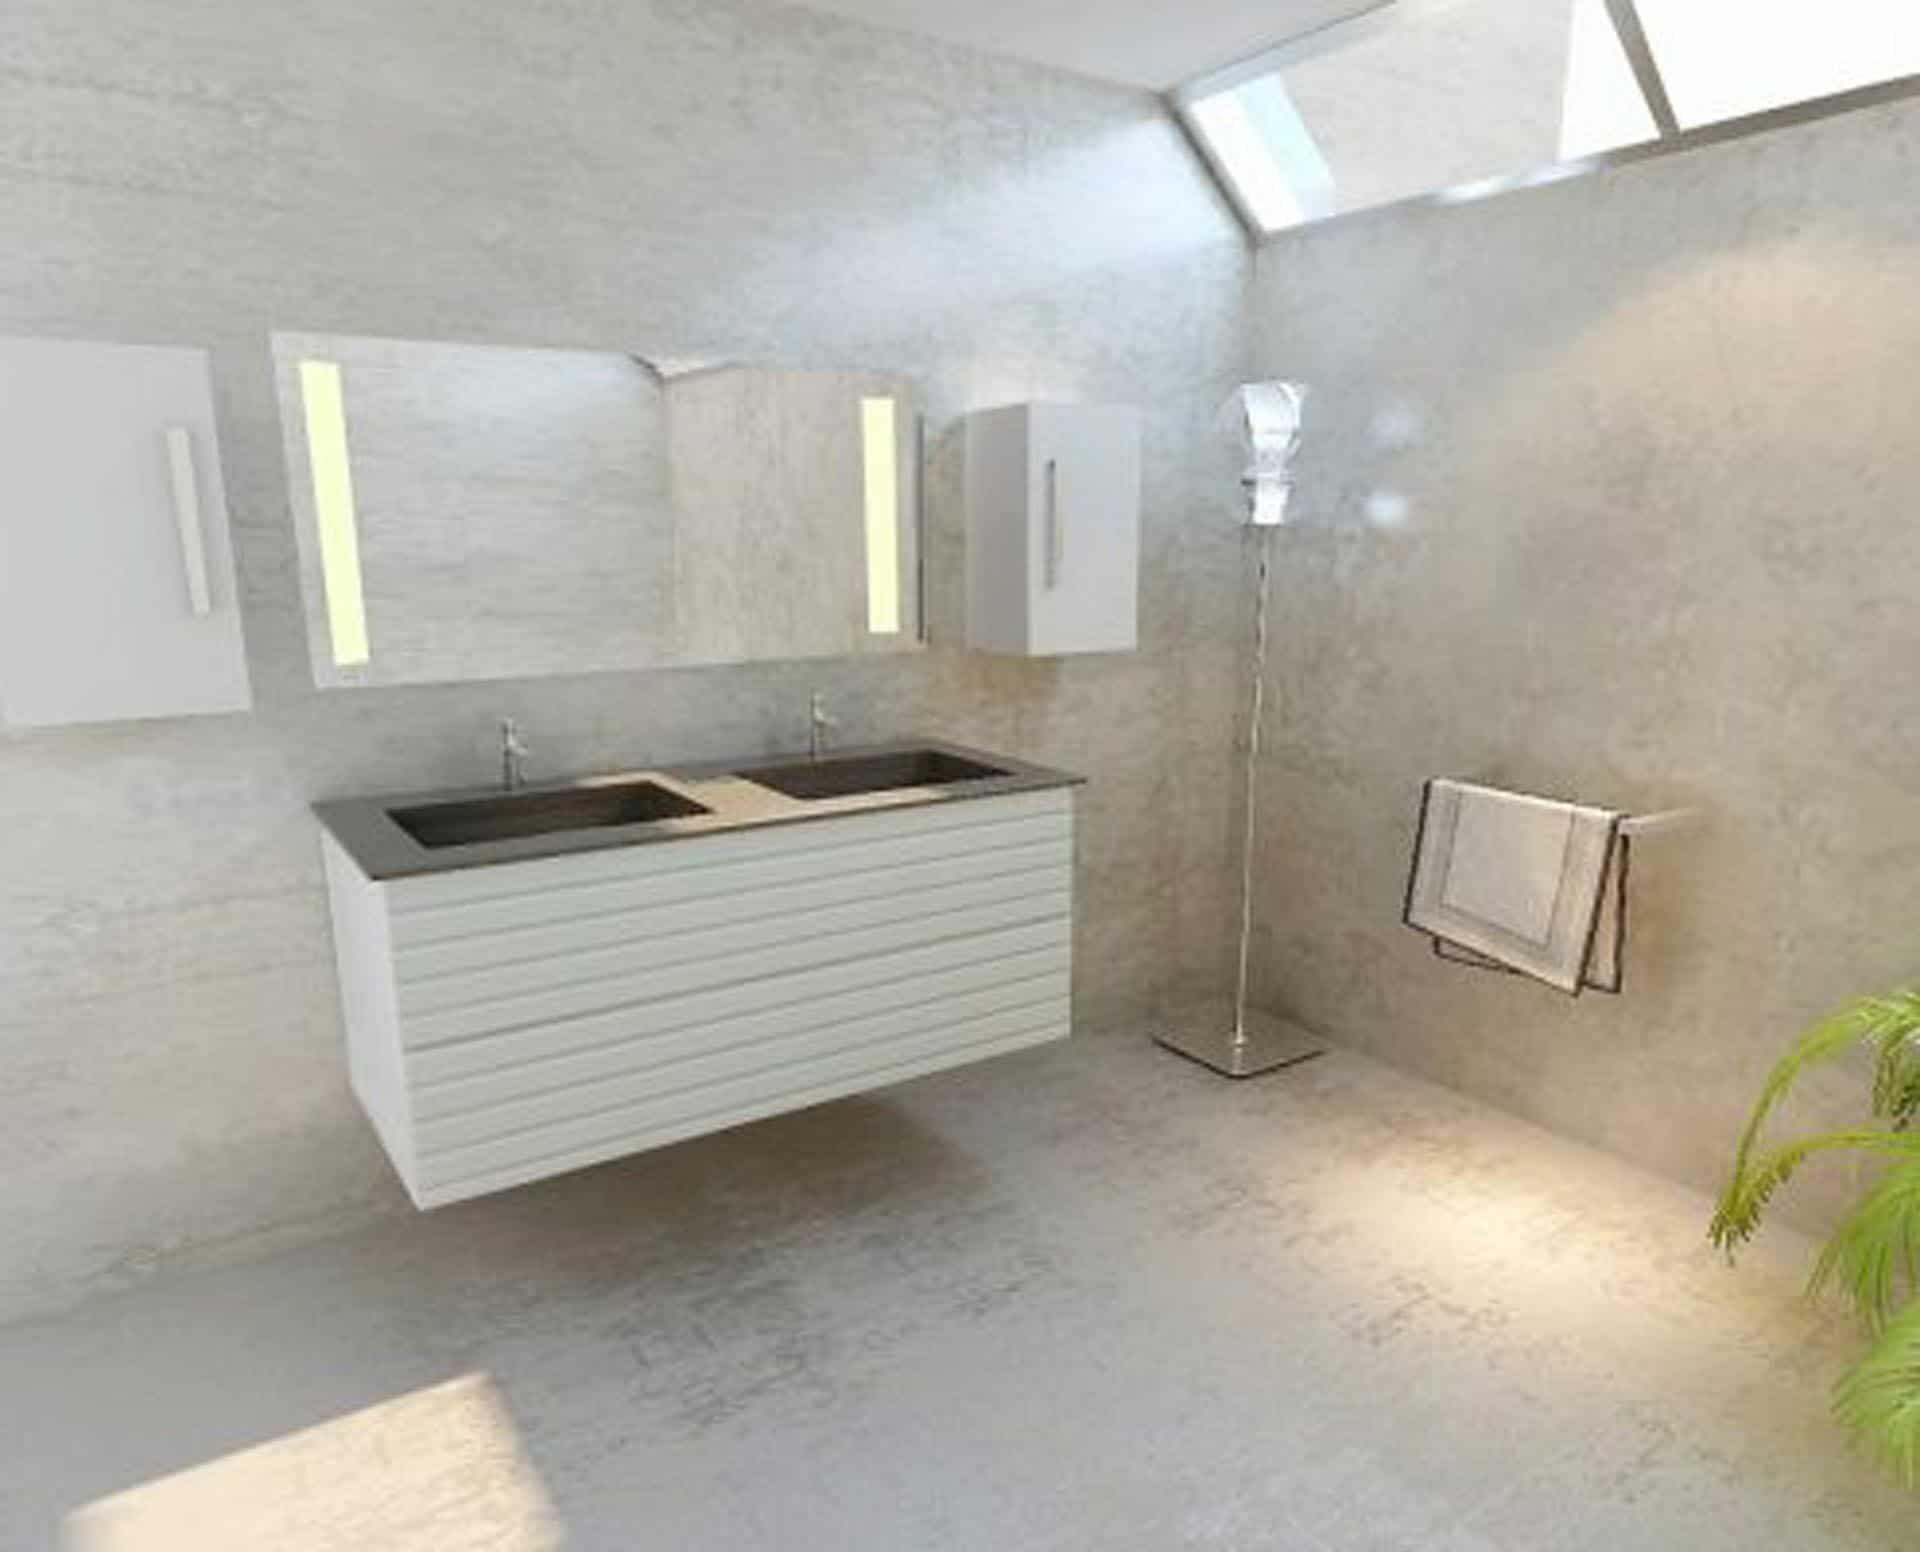 Lækker og simpel beton håndvask, med pæne afrundinger. Farven er i grå - en fantastik flot, moderne og naturlig betonfarve, der passer ind i ethvert badeværelse. Materialet er en kombination af komposit, fiber og beton, dette gør, at vasken er væsentlig stærkere end normal beton. Beton tåler ikke stærke rengøringsmidler, eller syreholdige produkter. Vi anbefaler derfor at vasken rengøres i pH neutralt rengøringsmiddel. Vasken har målene: 123,2 x 54,5 x 3 cm. Vasken skal stå på et skab. Køb et af vores tre slags åbne ophæng til slimlinevaske eller se vores guide til hvilket skab, der passer til og hvor du kan købe det. Vasken er hensynsmæssigt designet med fine rundinger, som både giver vasken et eksklusivt udtryk og gør den rengøringsvenlig. Vasken vedligeholdes med voks - vi anbefaler en behandling med vores egen naturvoks ID12002 et par gange om året for at opnå optimalt look.